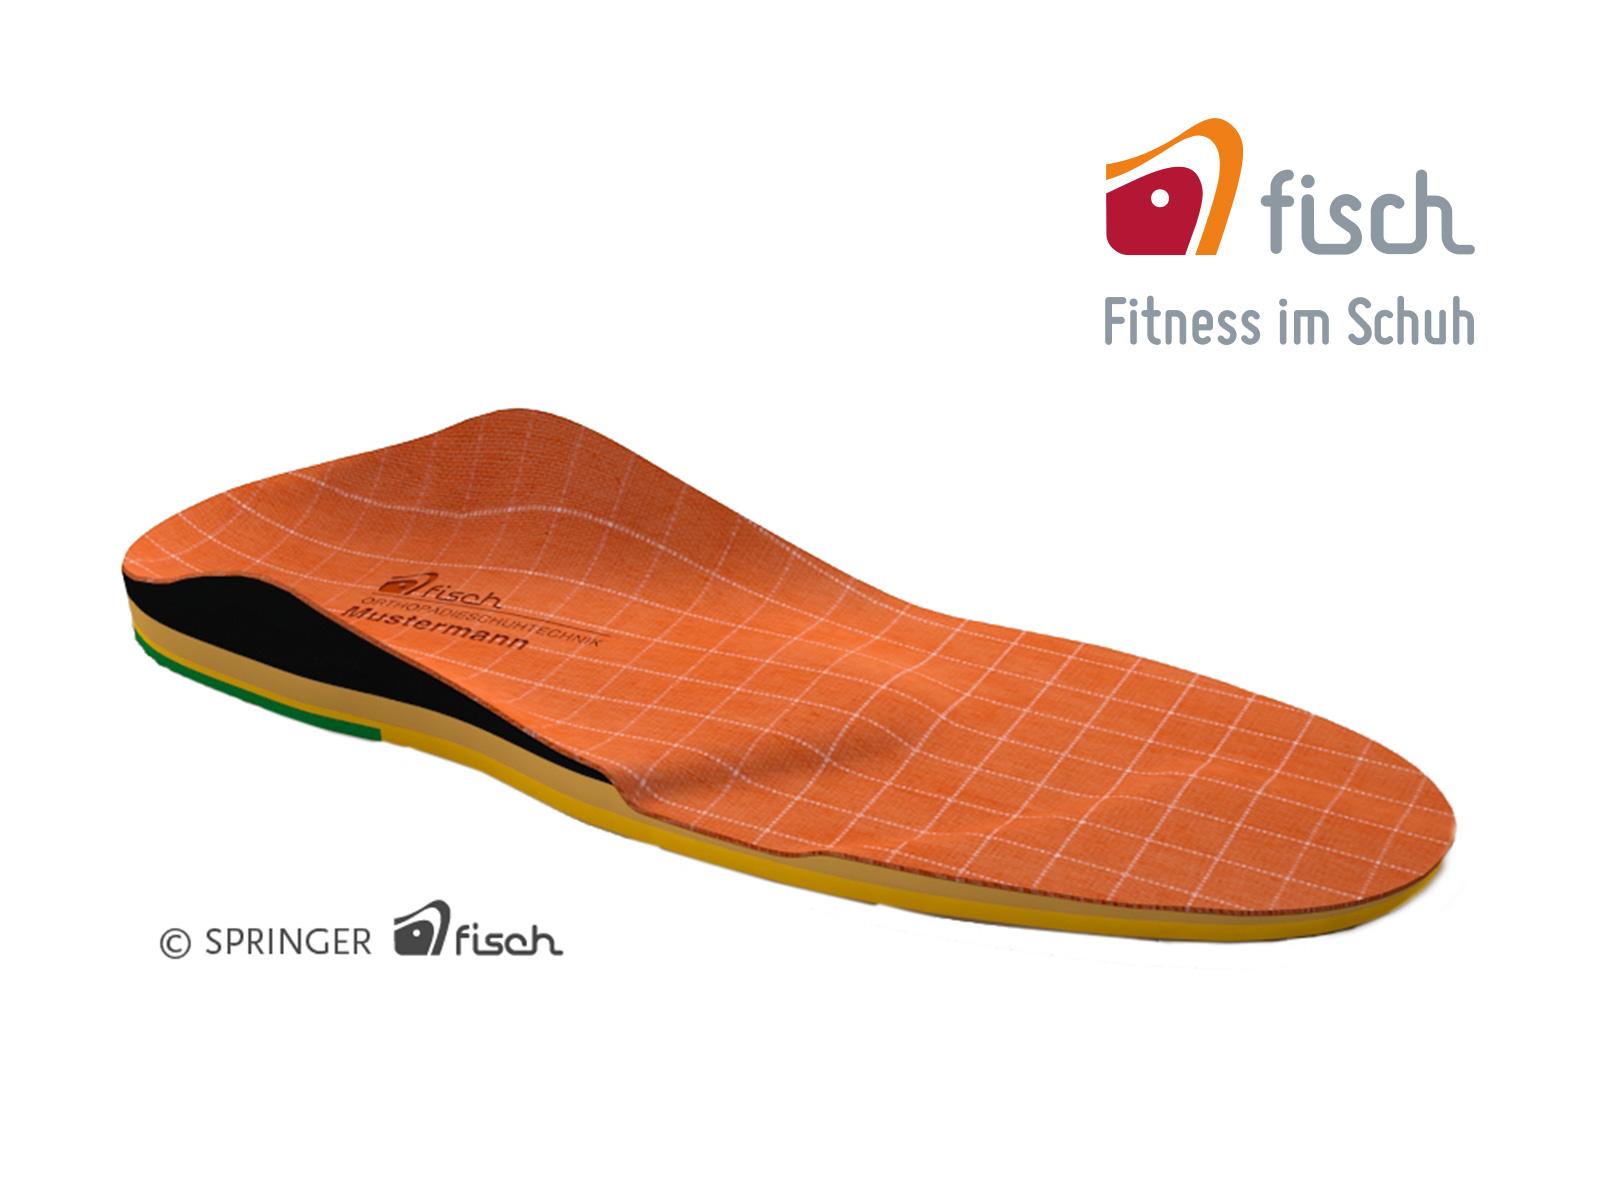 Einlage von FISCH – Fitness im Schuh